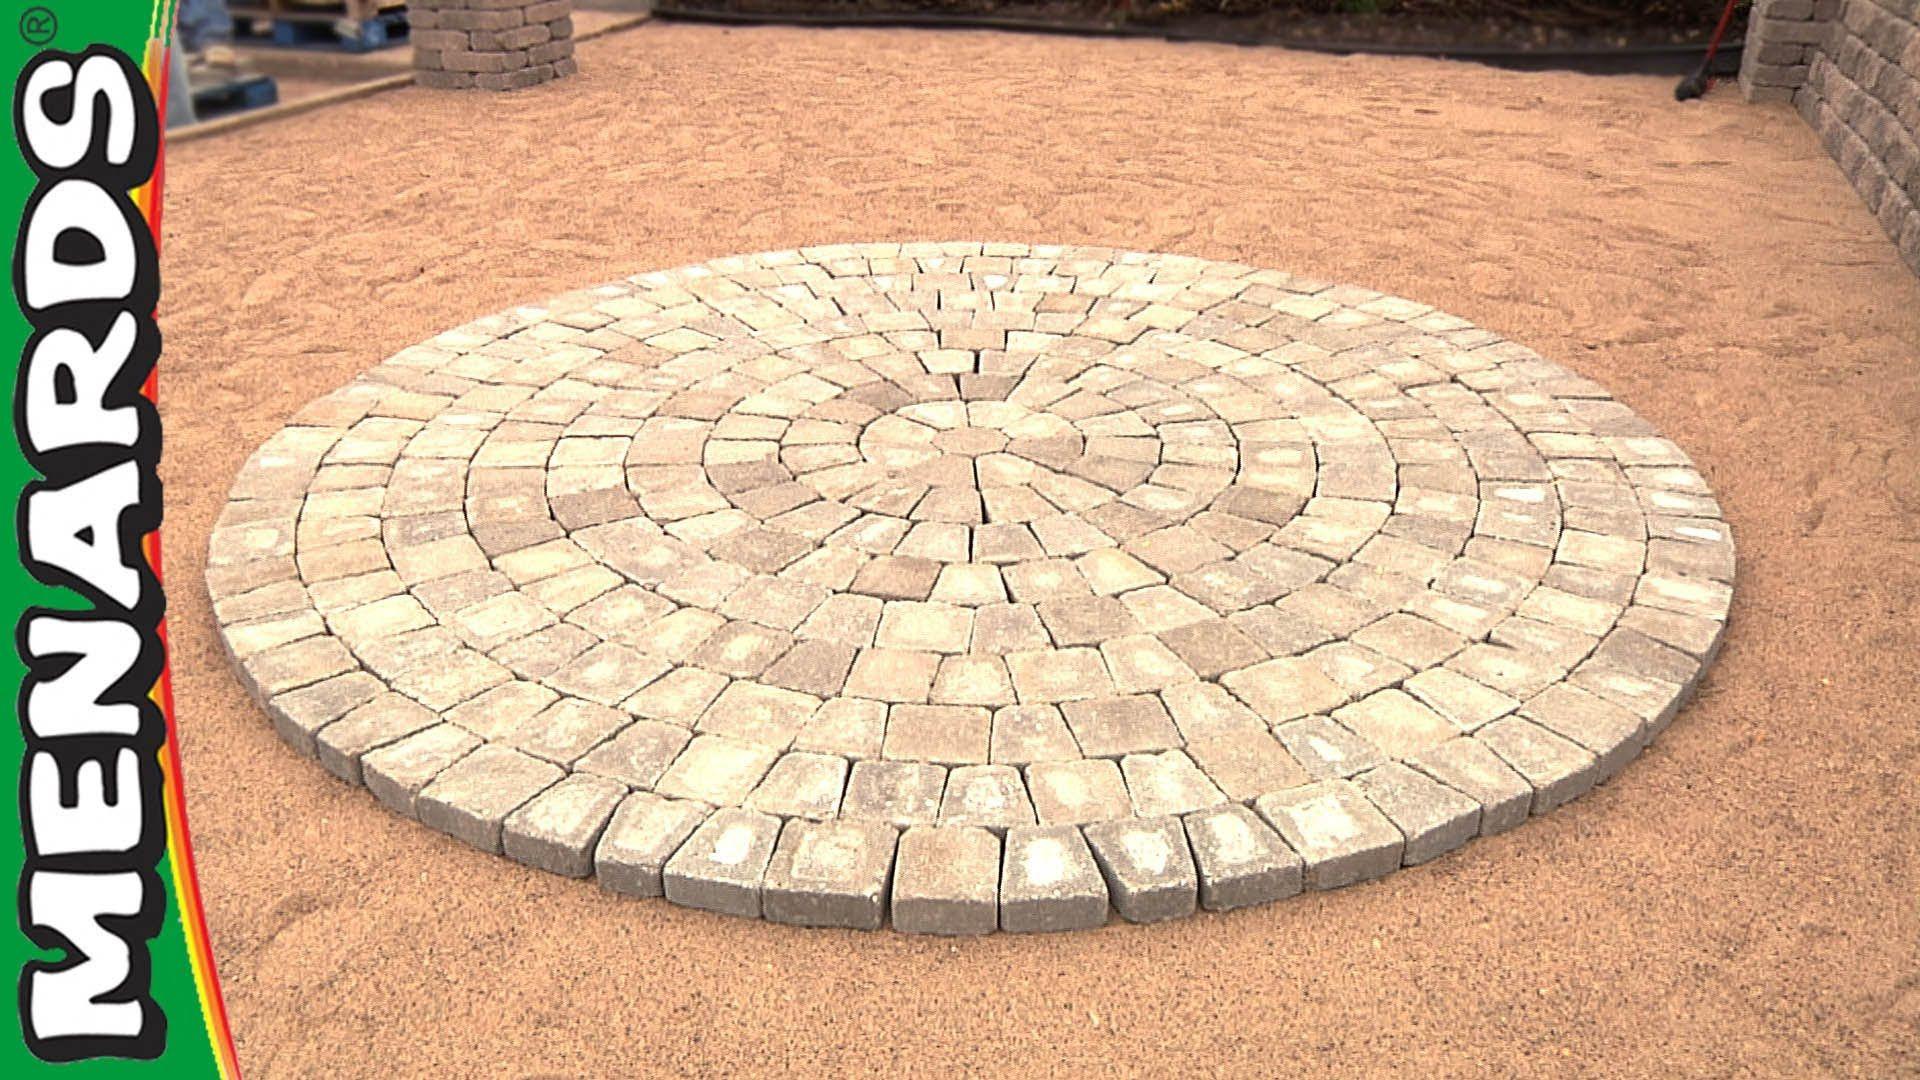 Circular Patio Kit How To Menards Patio Kits Circular Patio Paver Patio